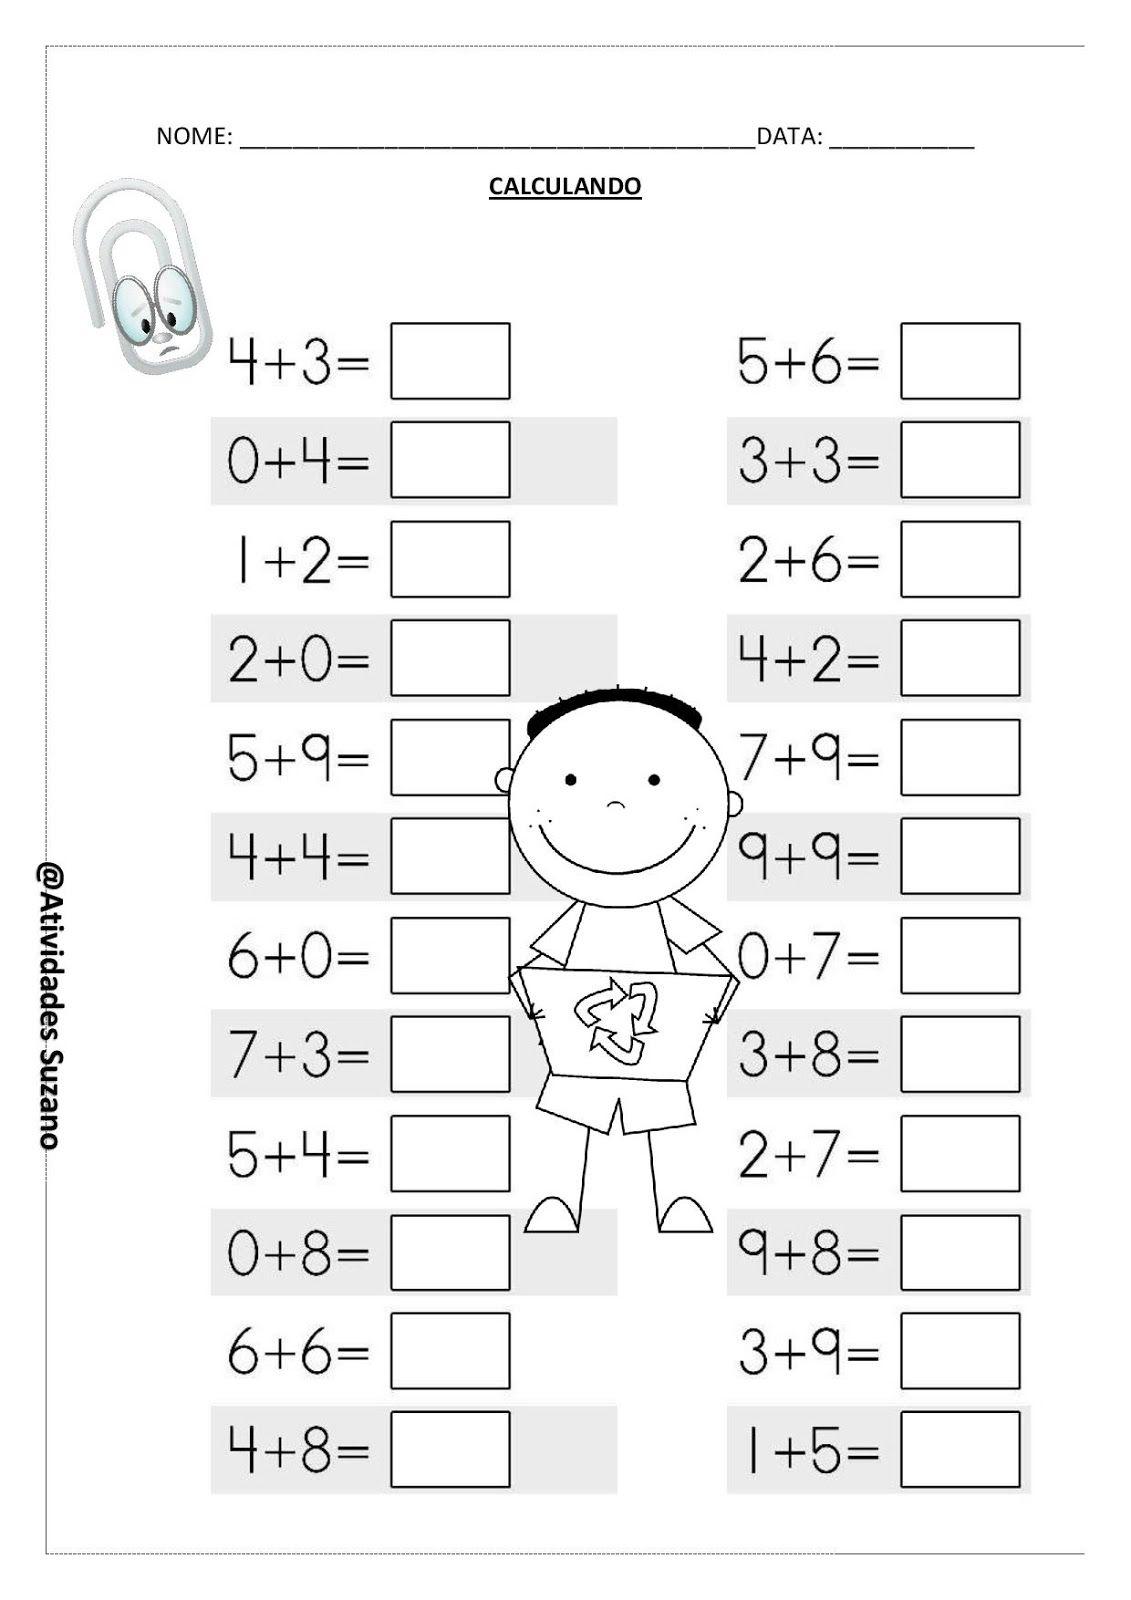 Calculando Atividades De Matematica Atividades De Aprendizagem